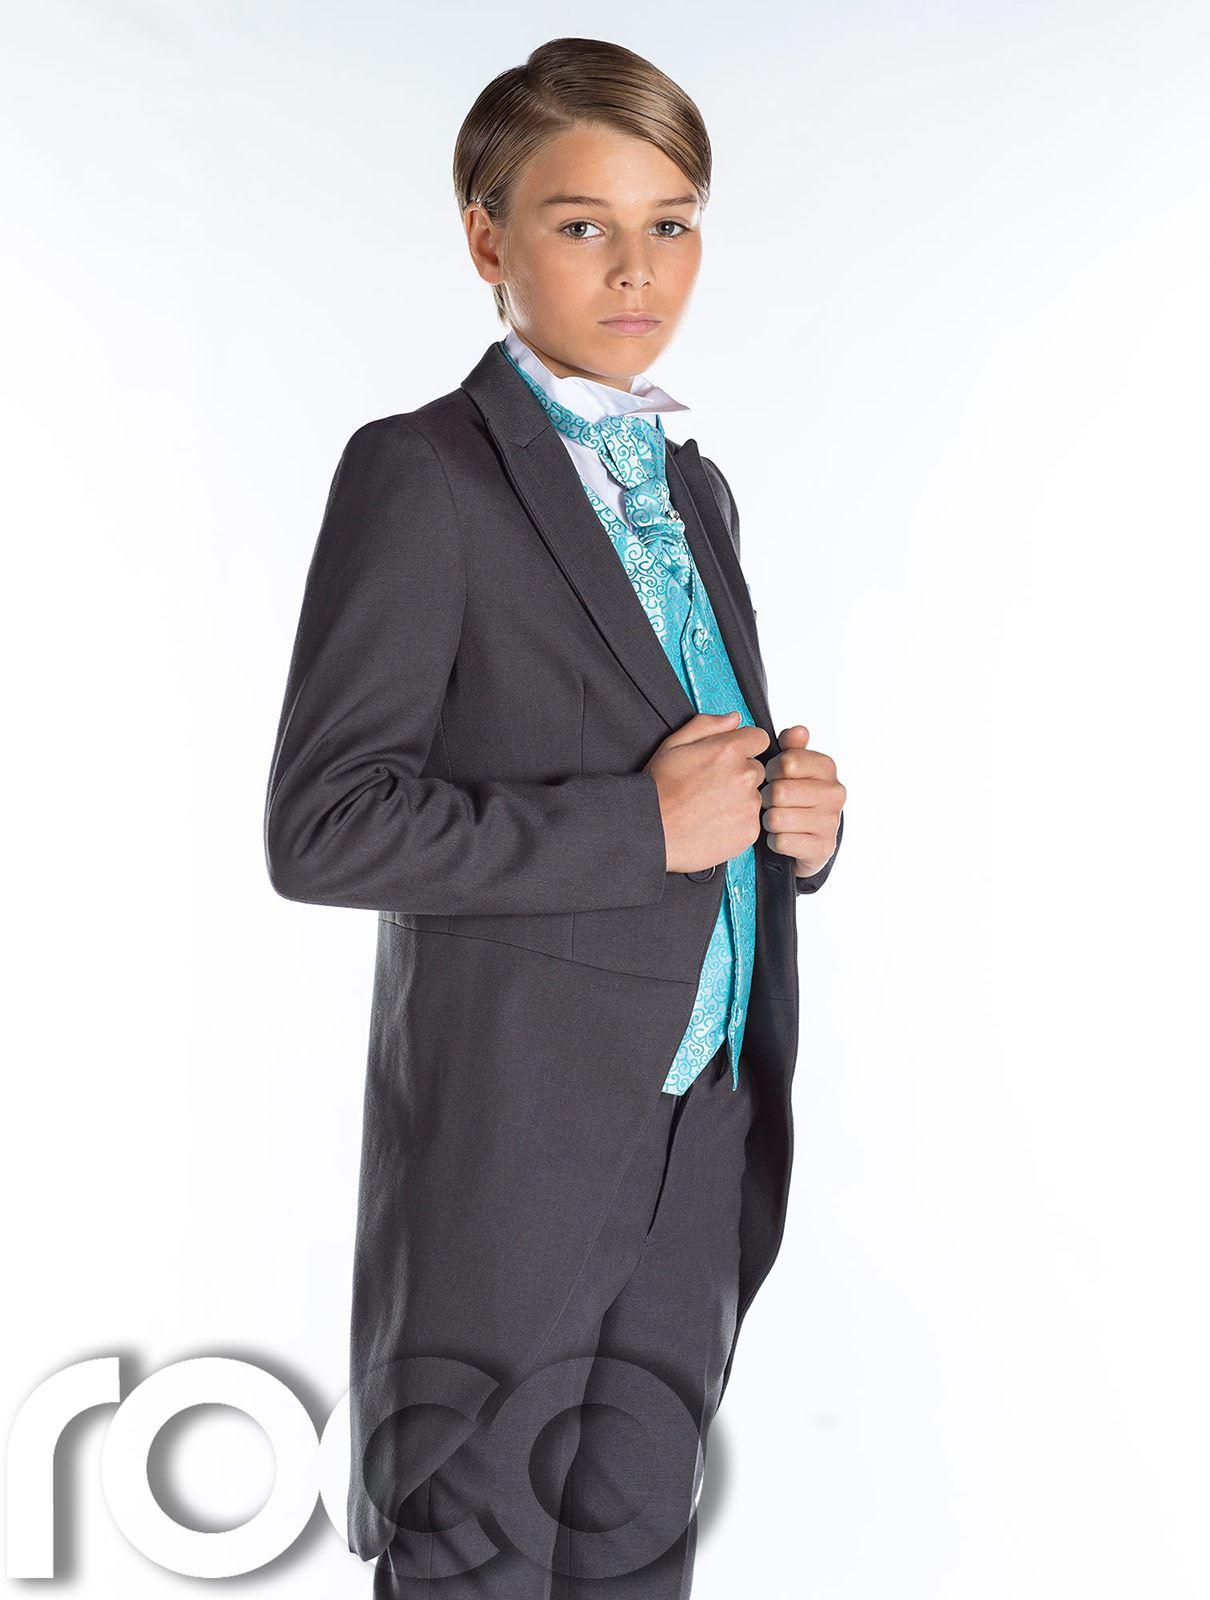 Grau frack anzug jungen hochzeit outfits prom anzug - Festliche kindermode hochzeit jungen ...